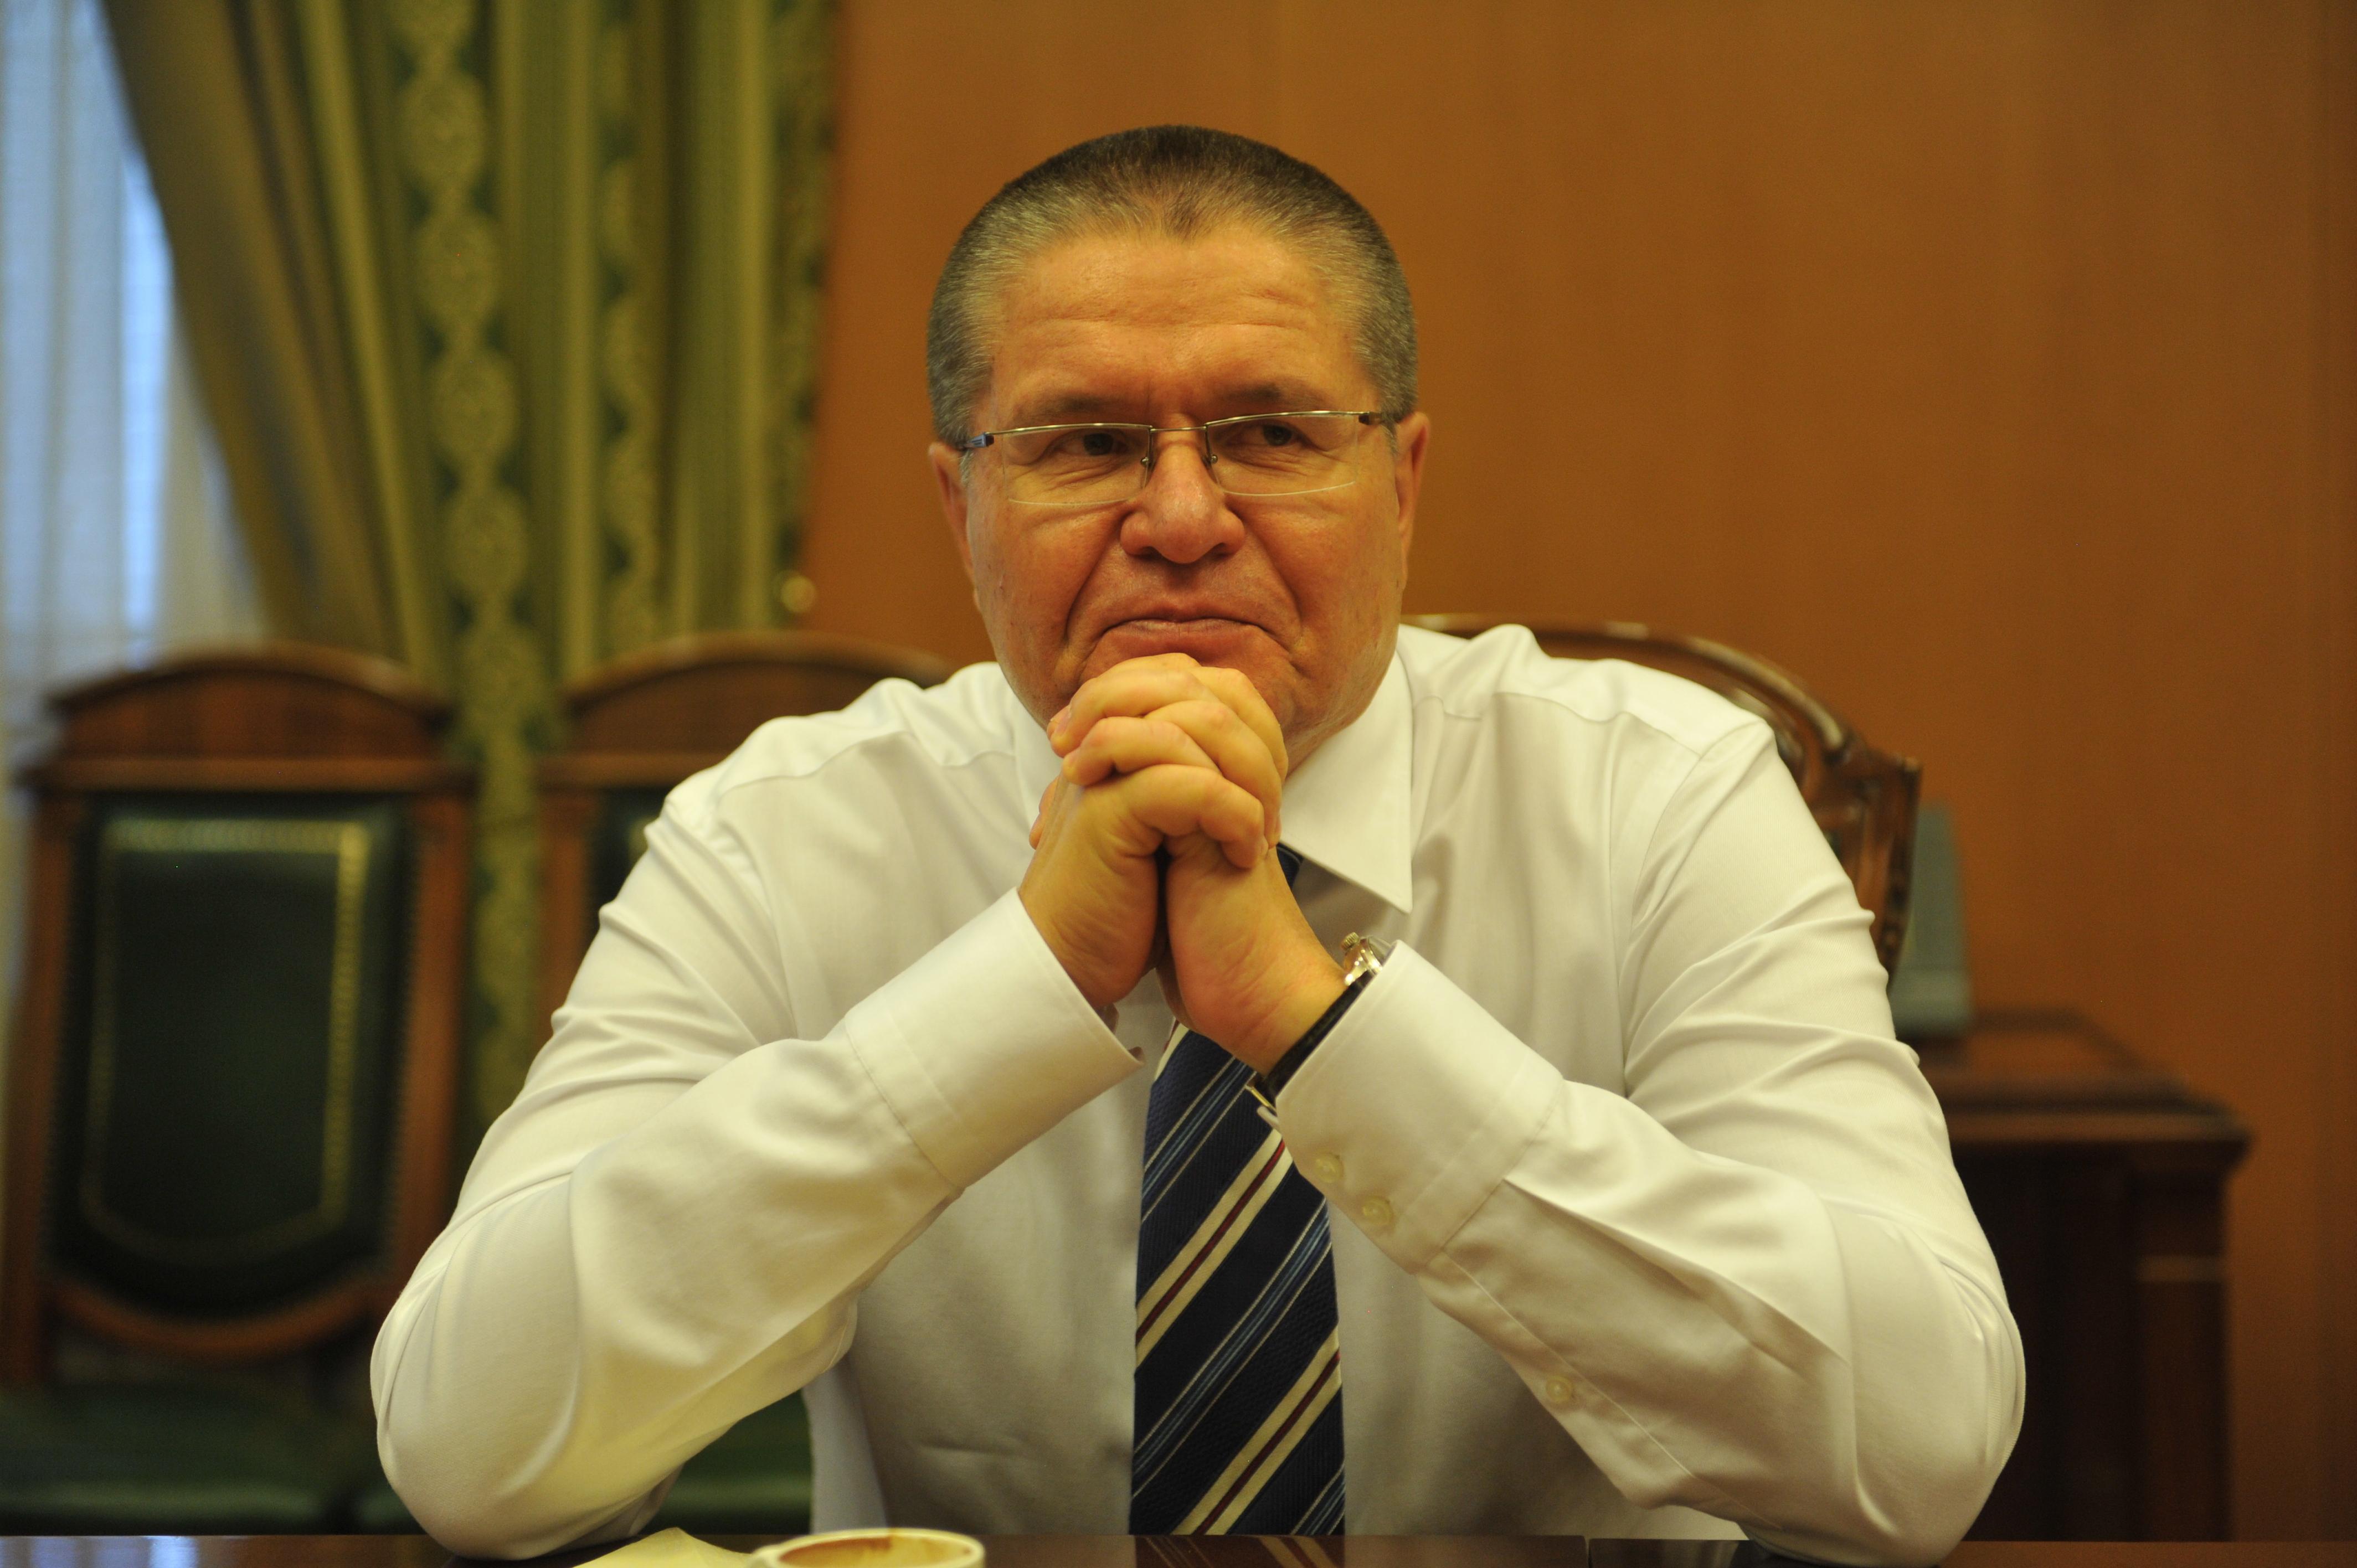 Возбуждено уголовное дело в отношении главы Министерства экономического развития Алексея Улюкаева.